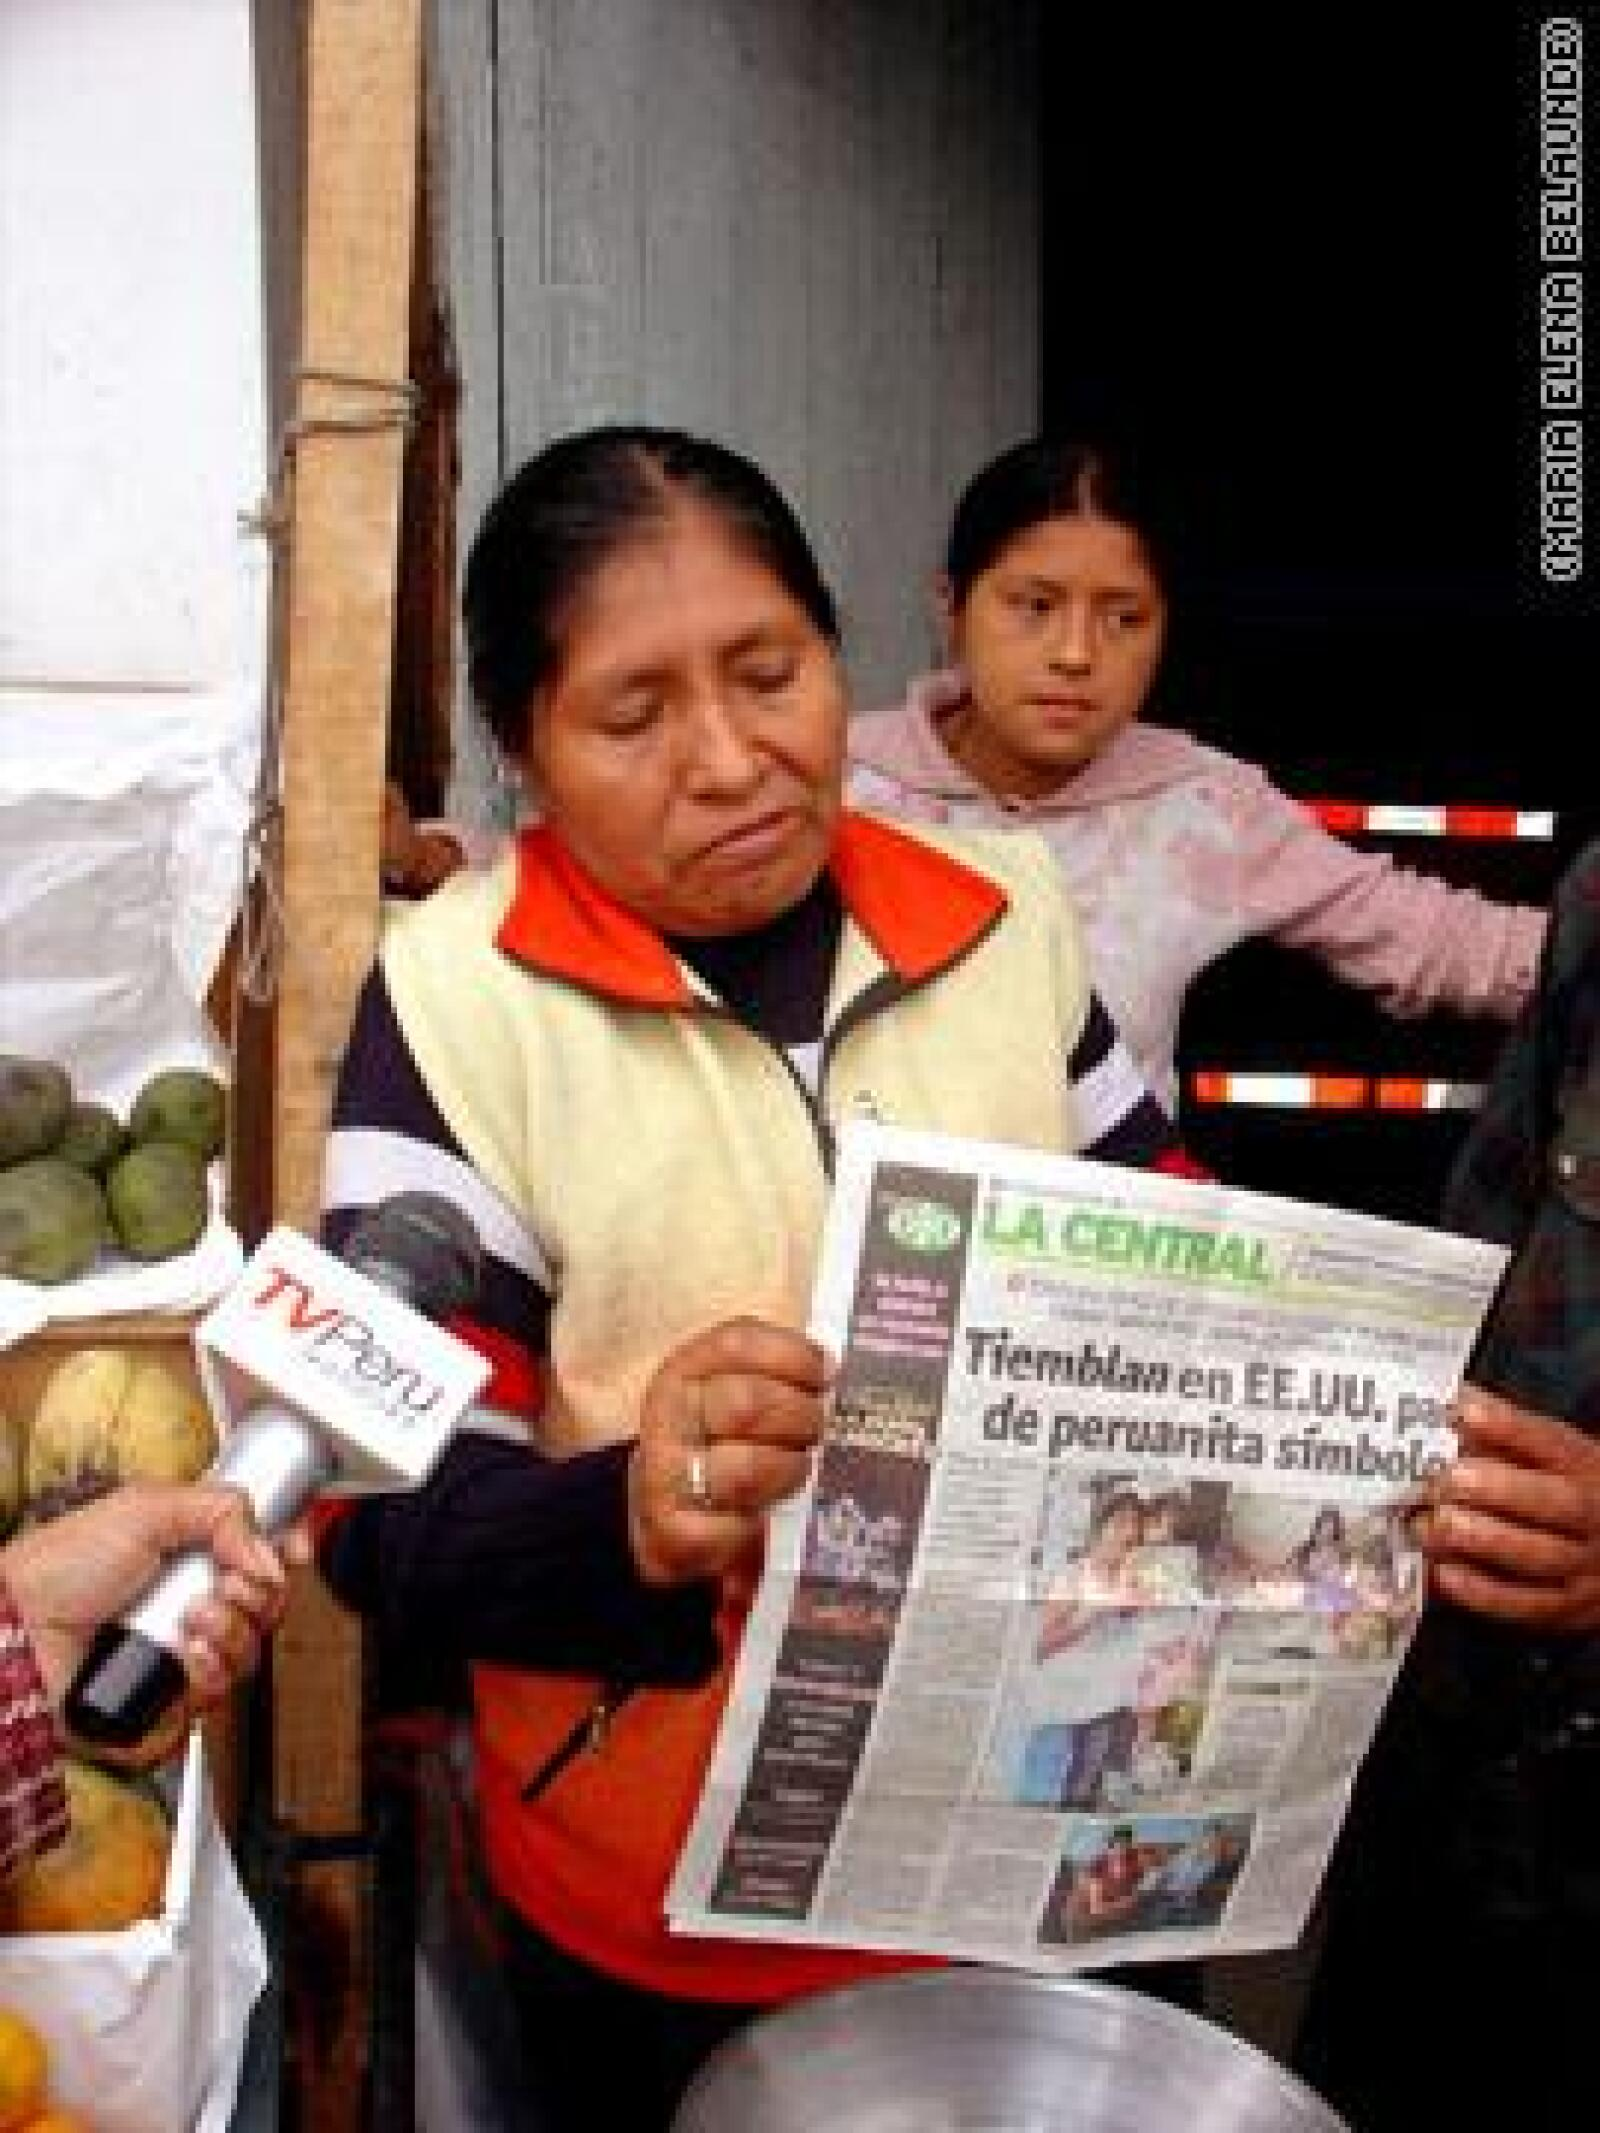 La noticia ha ocupado portadas de periódicos.